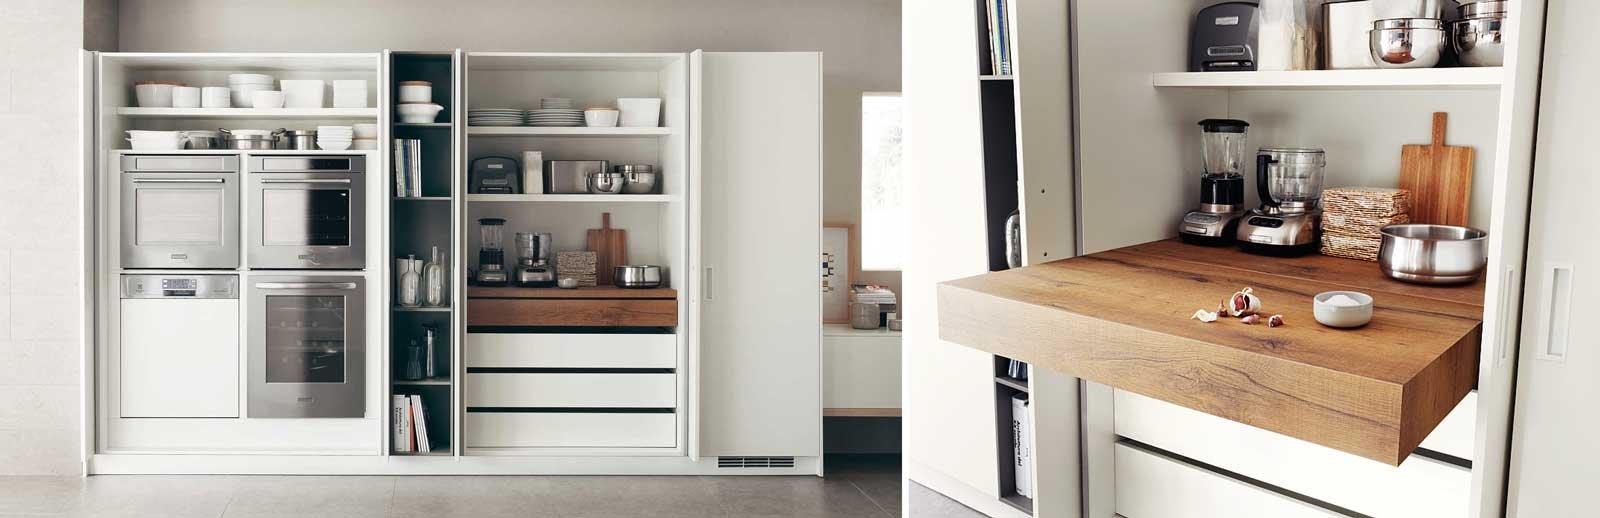 Cucina attrezzarla bene per cucinare meglio cose di casa - Cucine buone ...